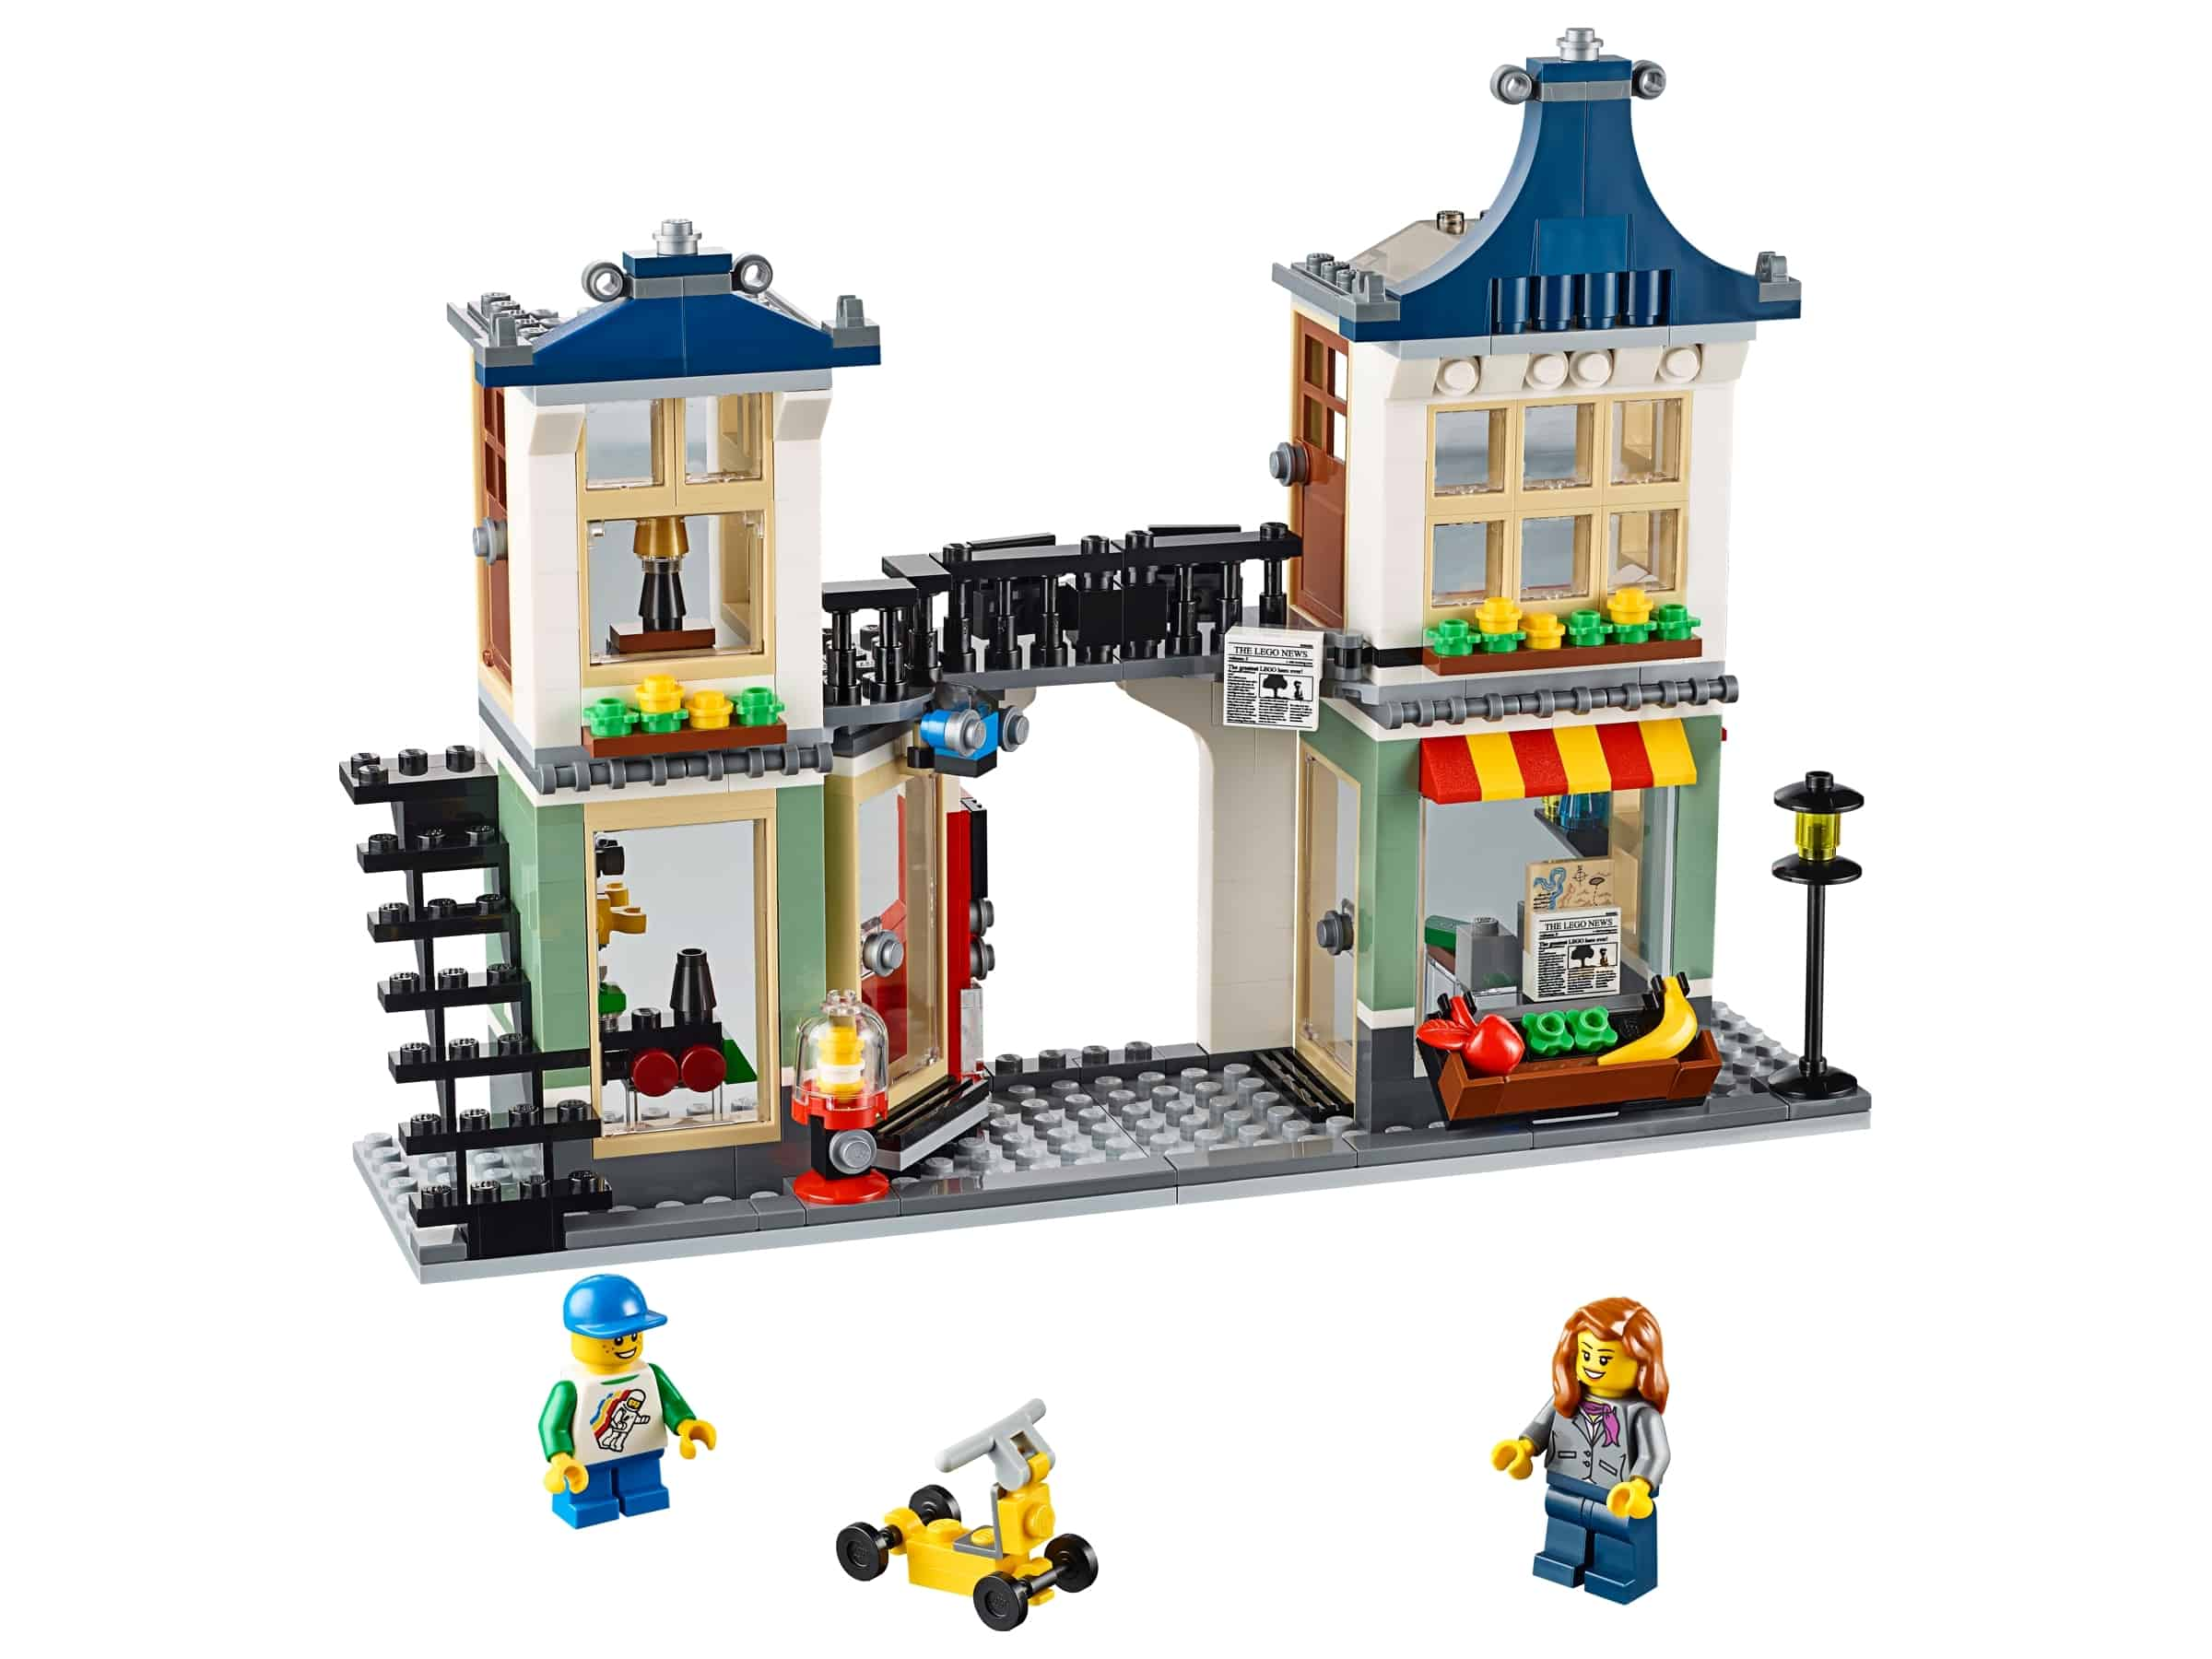 lego speelgoedwinkel en supermarkt 31036